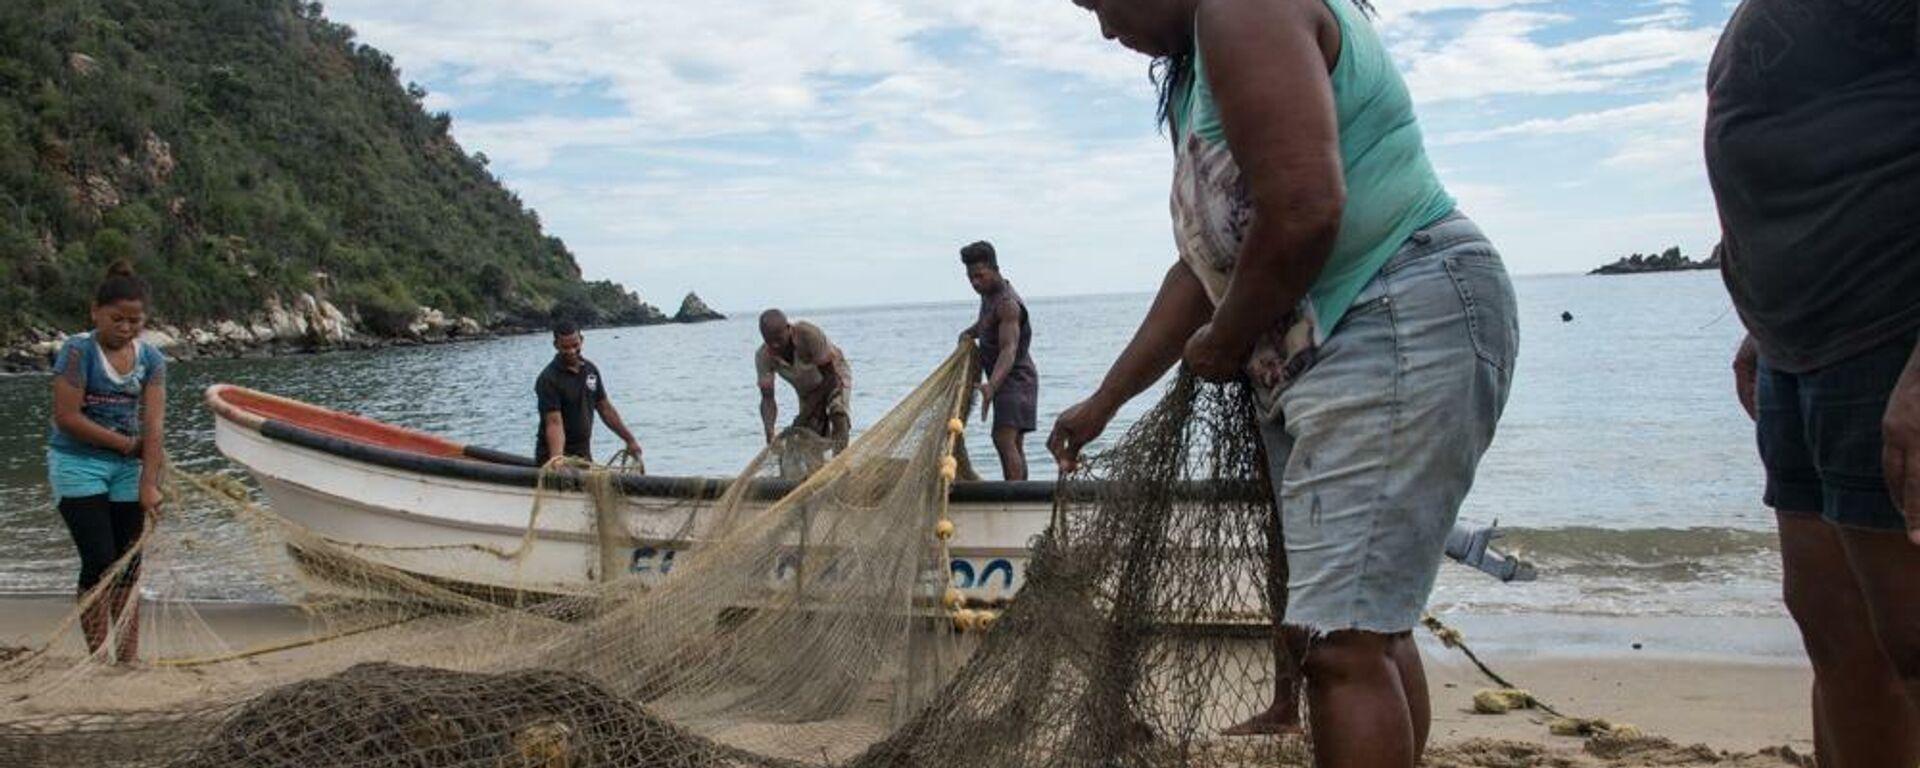 Pescadoras venezolanas - Sputnik Mundo, 1920, 16.07.2021